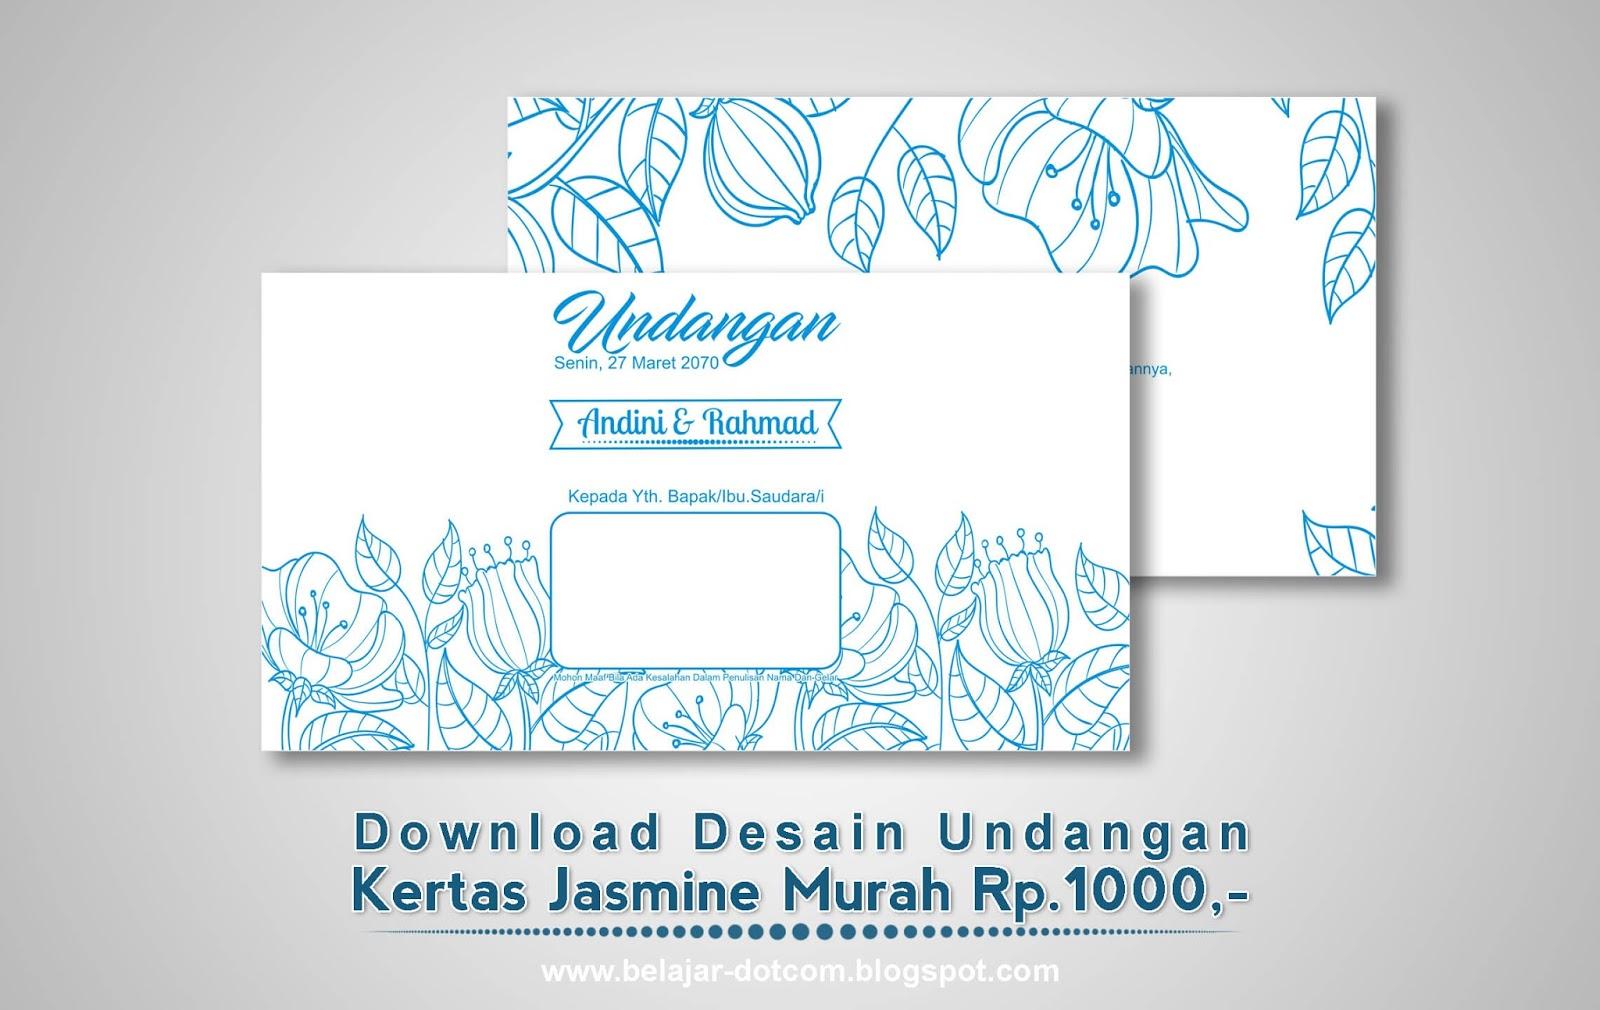 Desain Kertas Undangan Pernikahan Jasmine Murah Yang Bisa Diedit